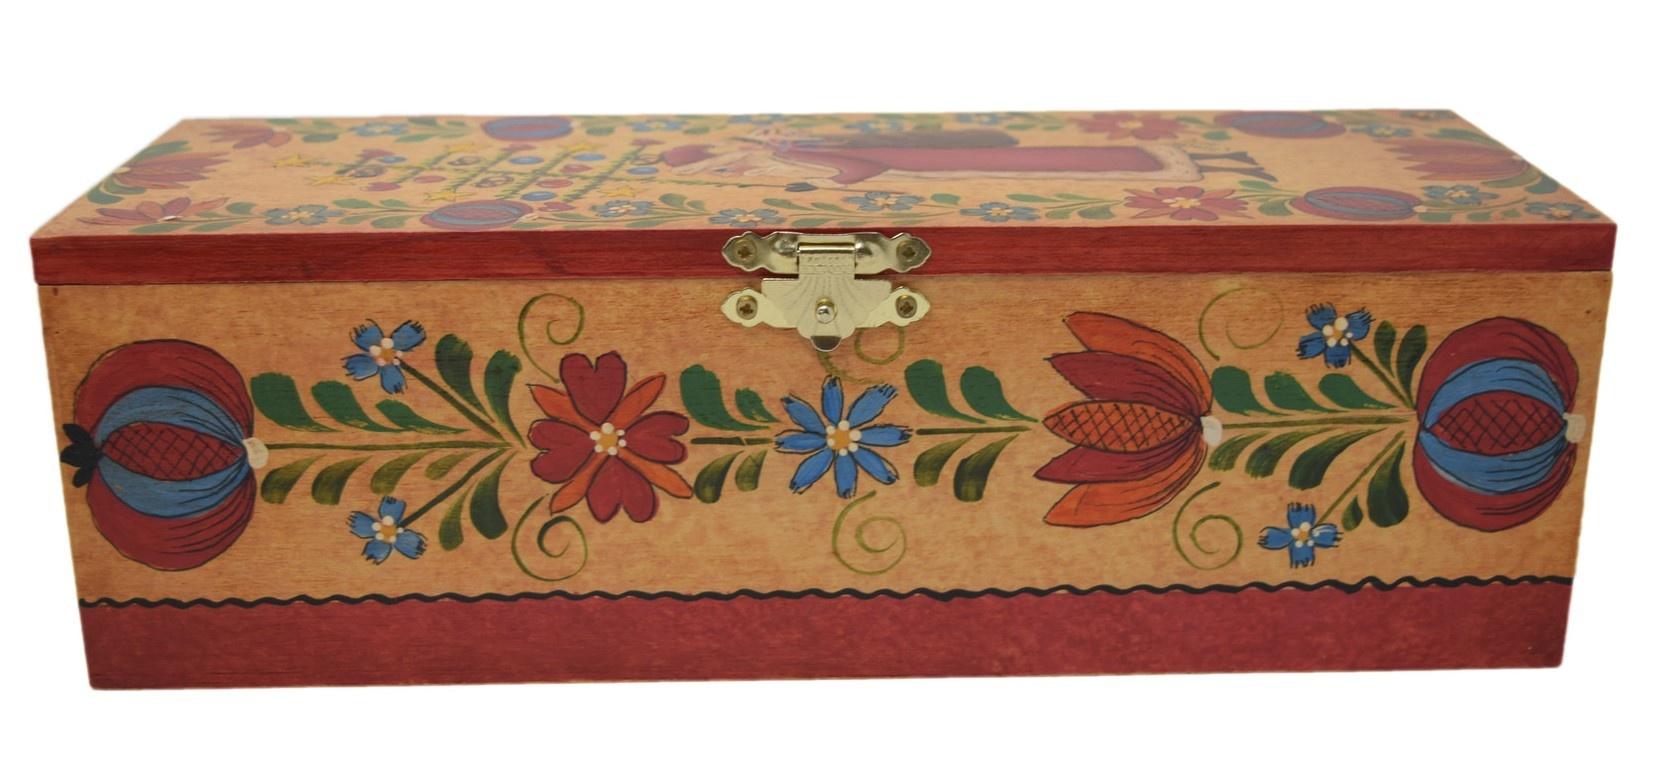 Santa Box-2